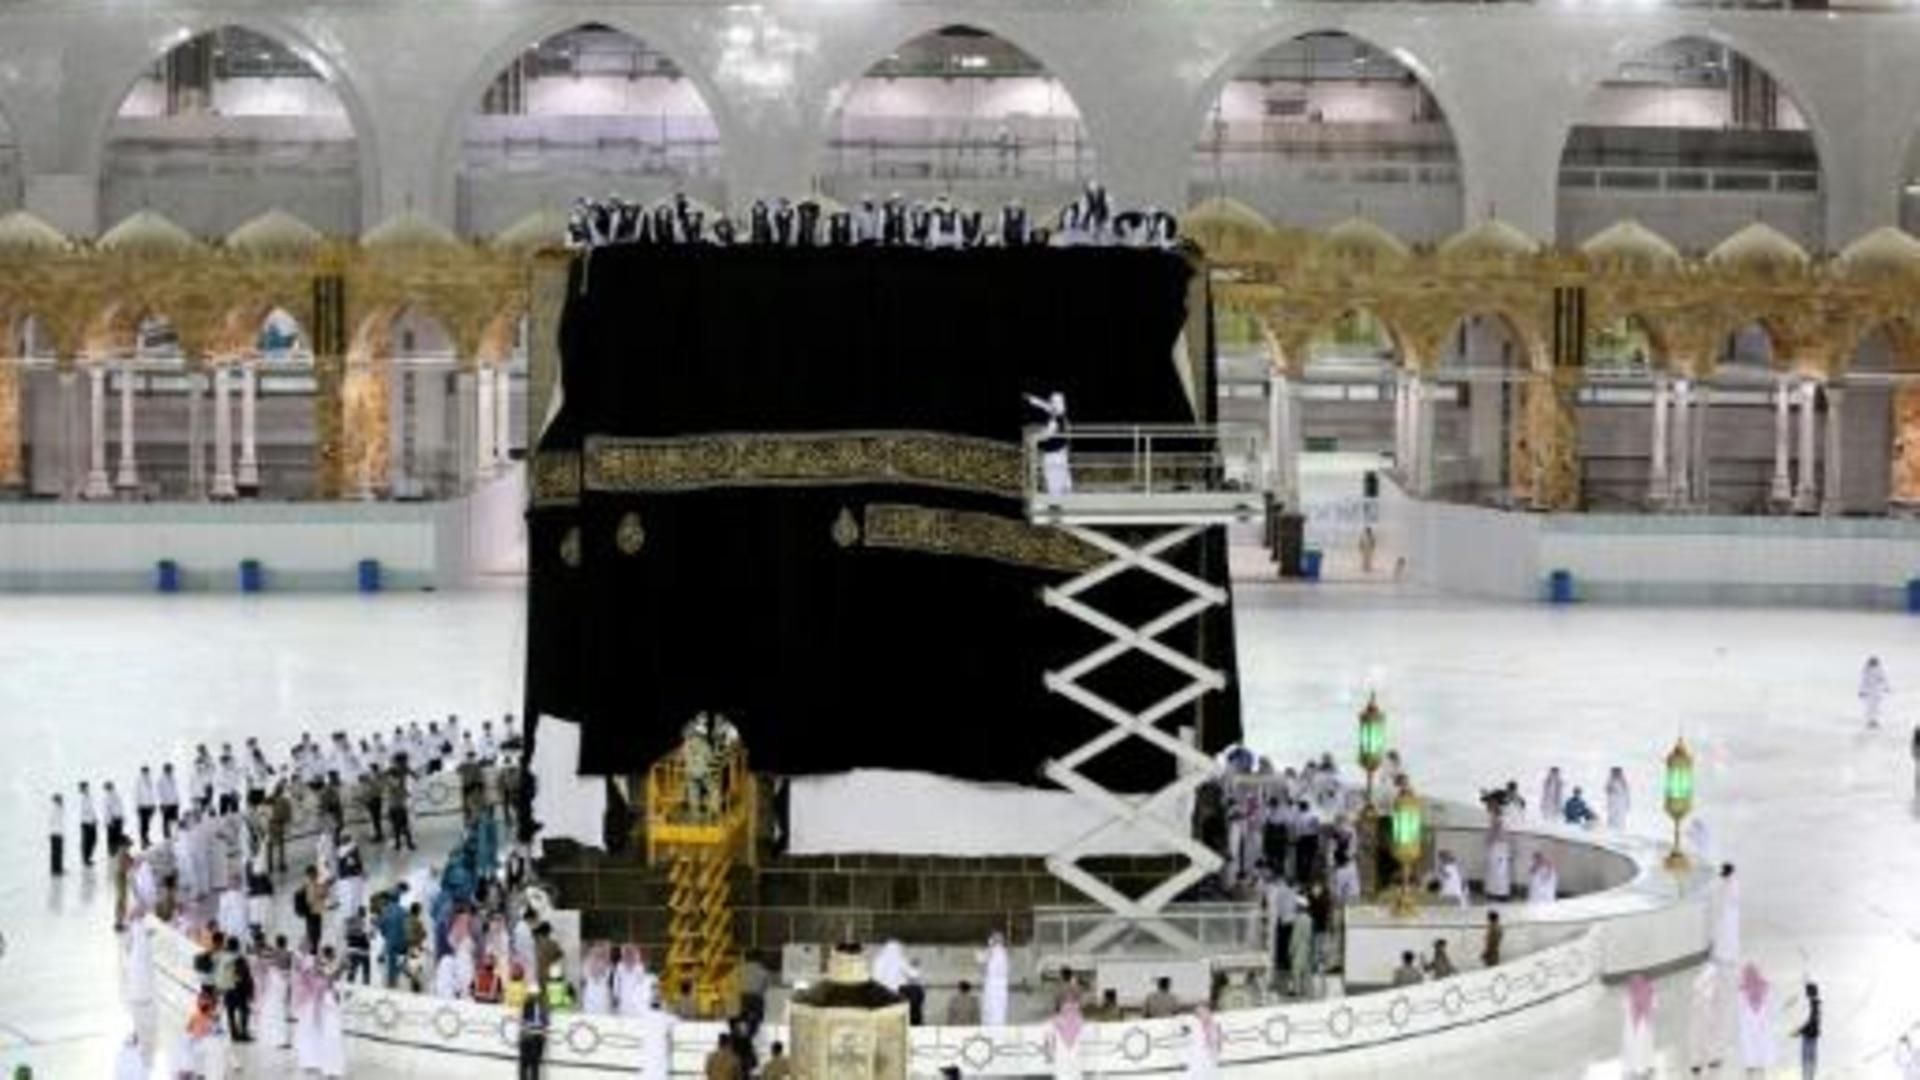 السعودية ستسمح فقط لمن تلقوا لقاح كورونا بأداء العمرة خلال رمضان Swi Swissinfo Ch